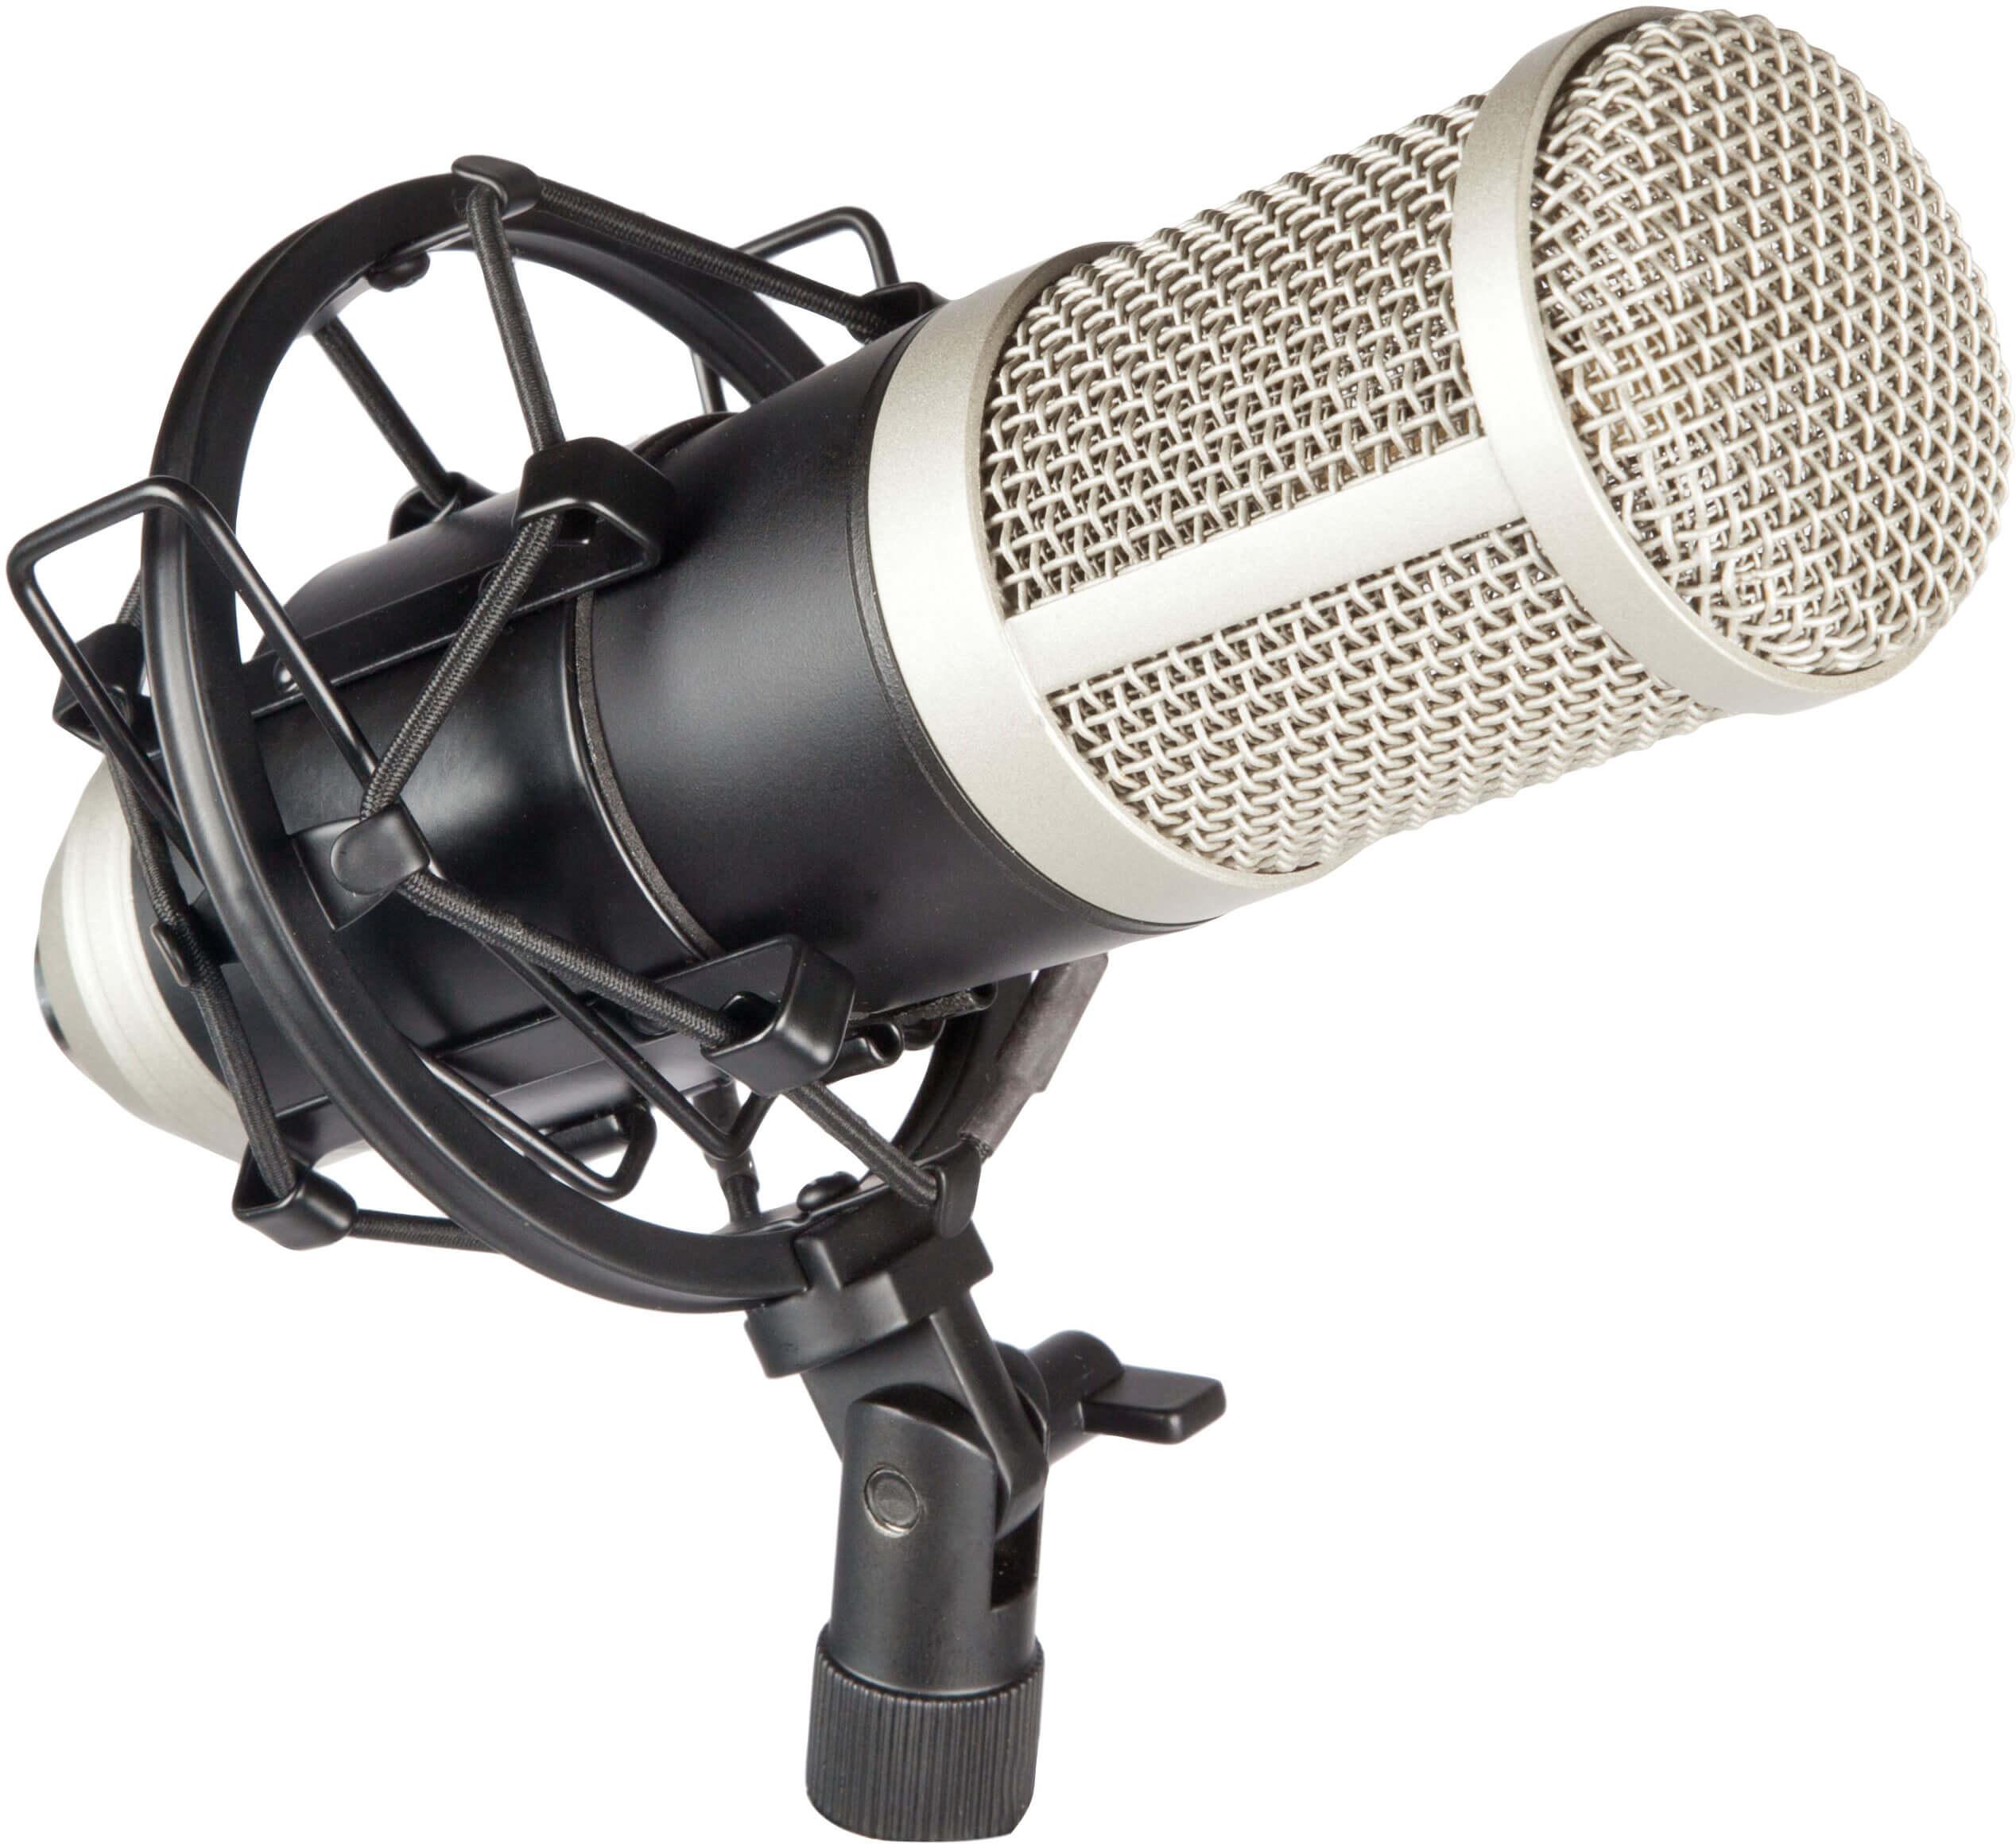 Micrófono Oqan Qmc01-Usb Studio